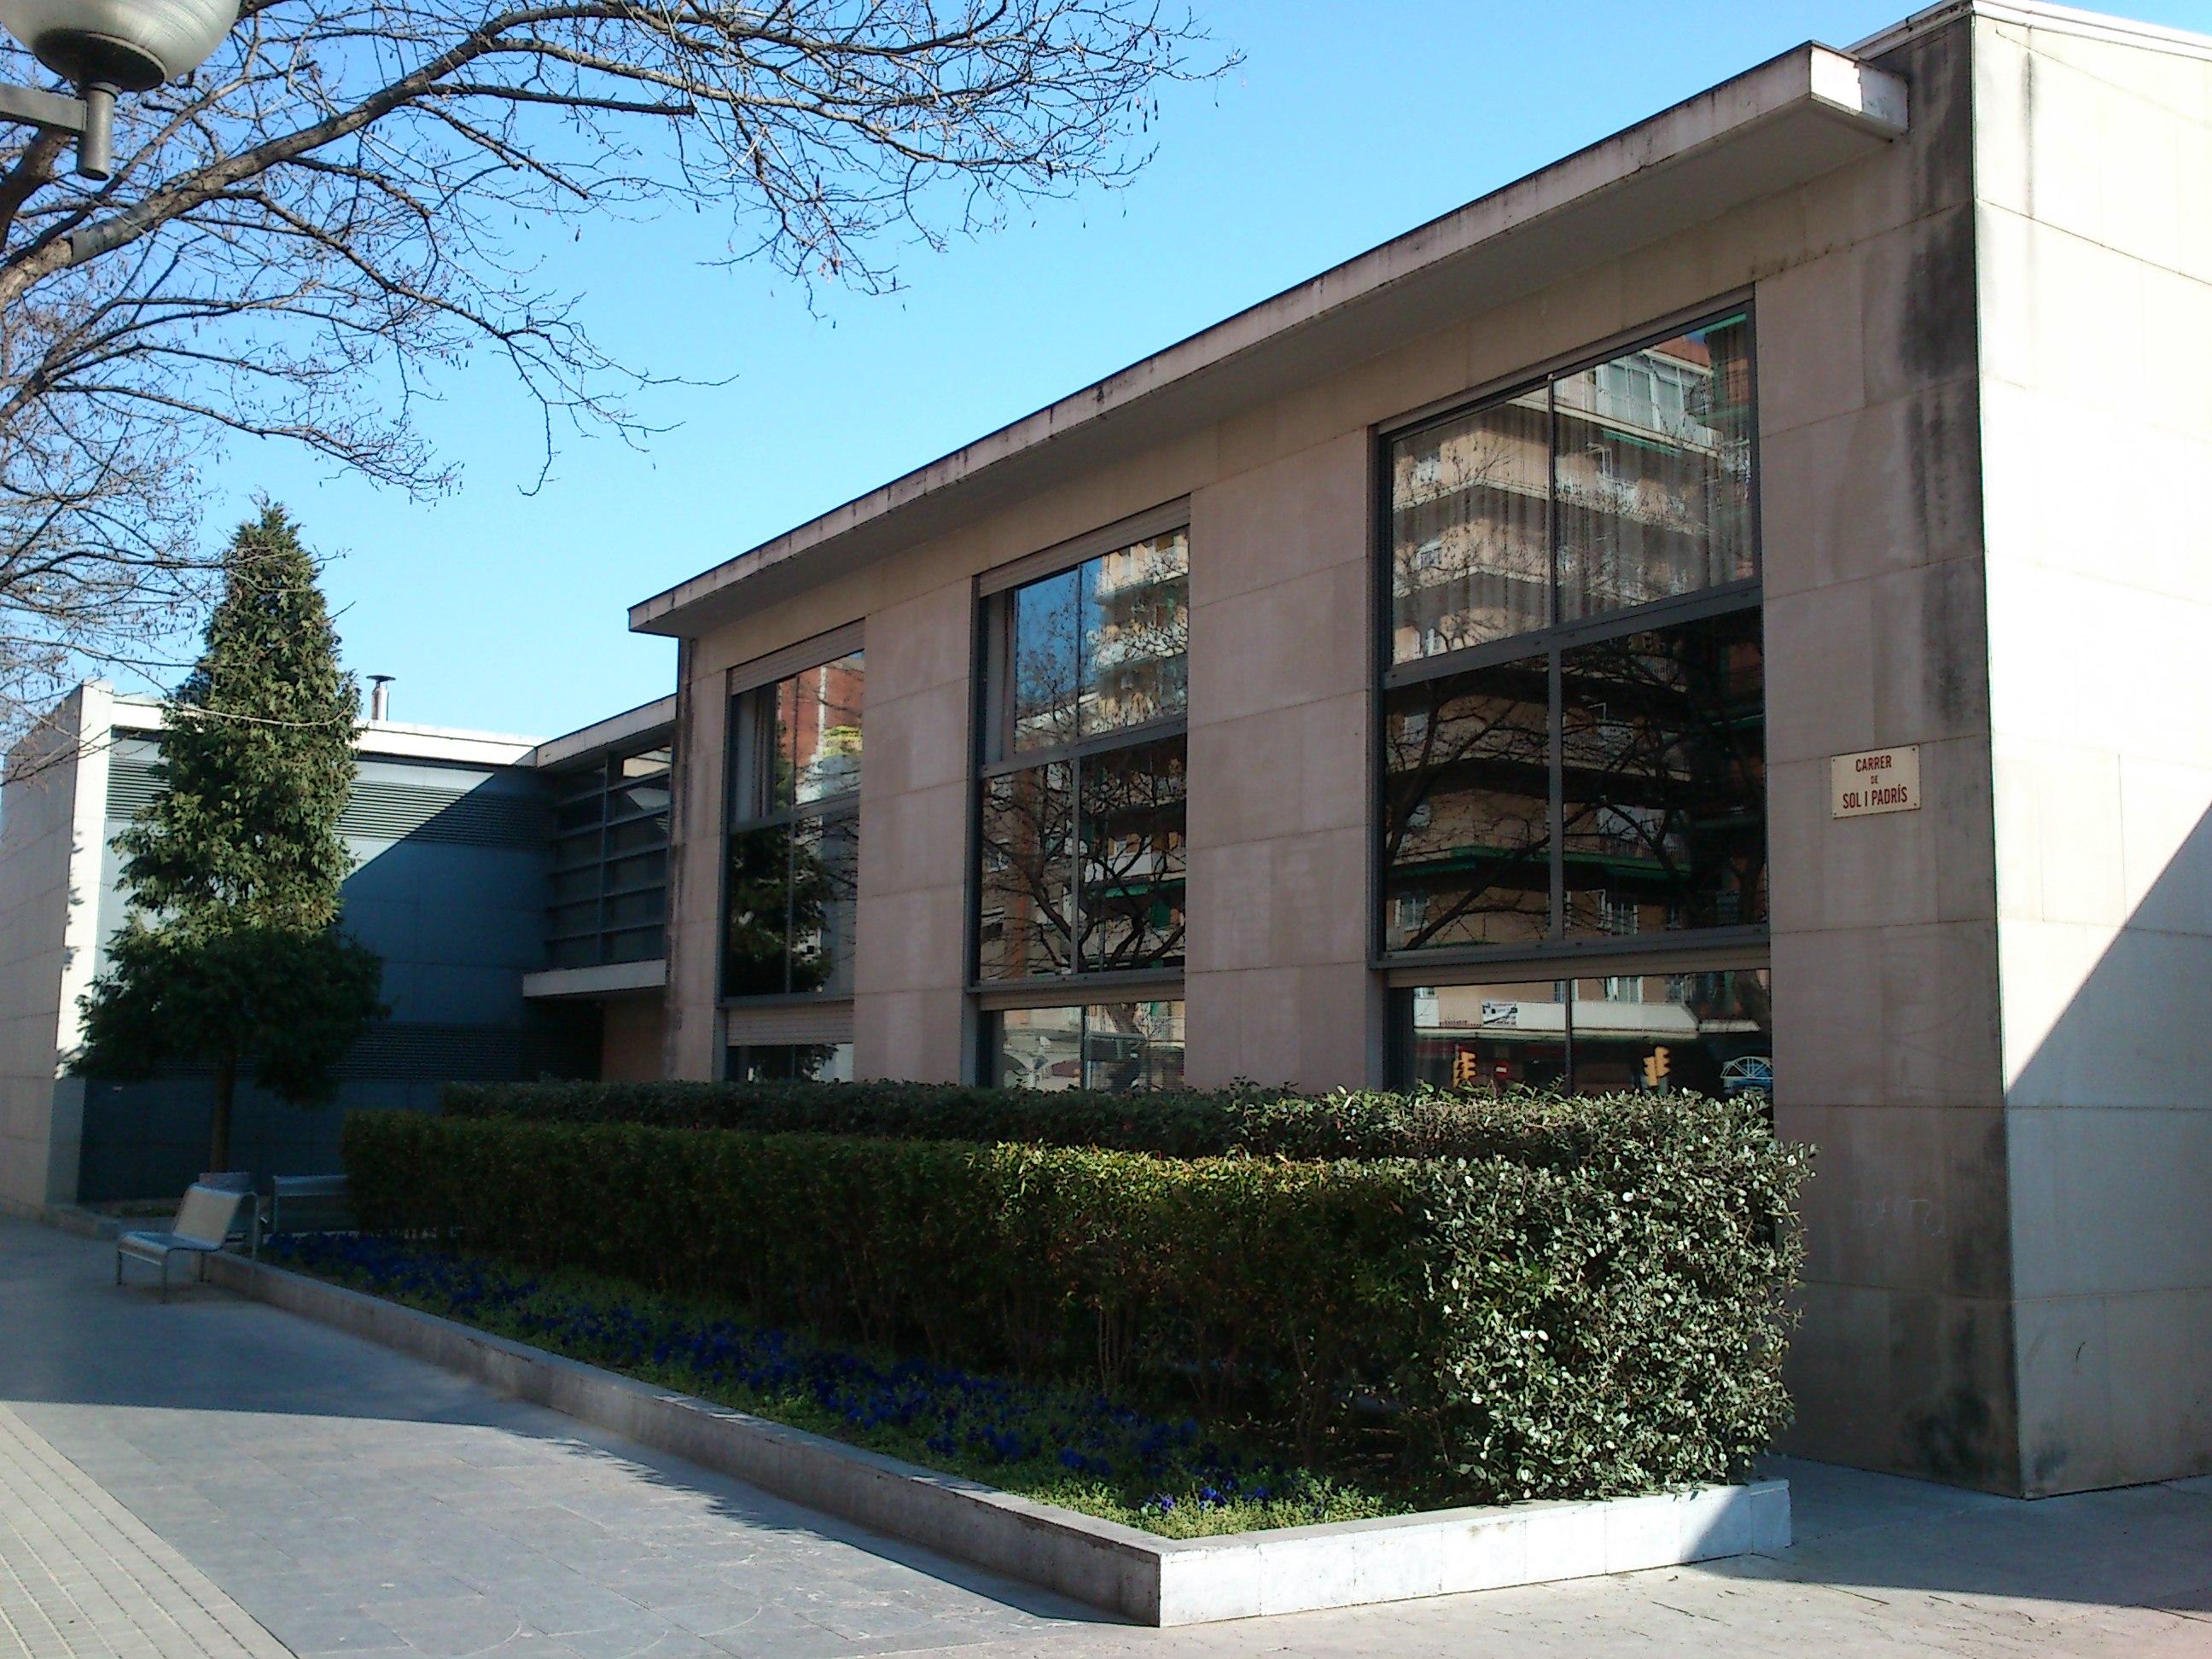 Centre Cívic de Sant Oleguer